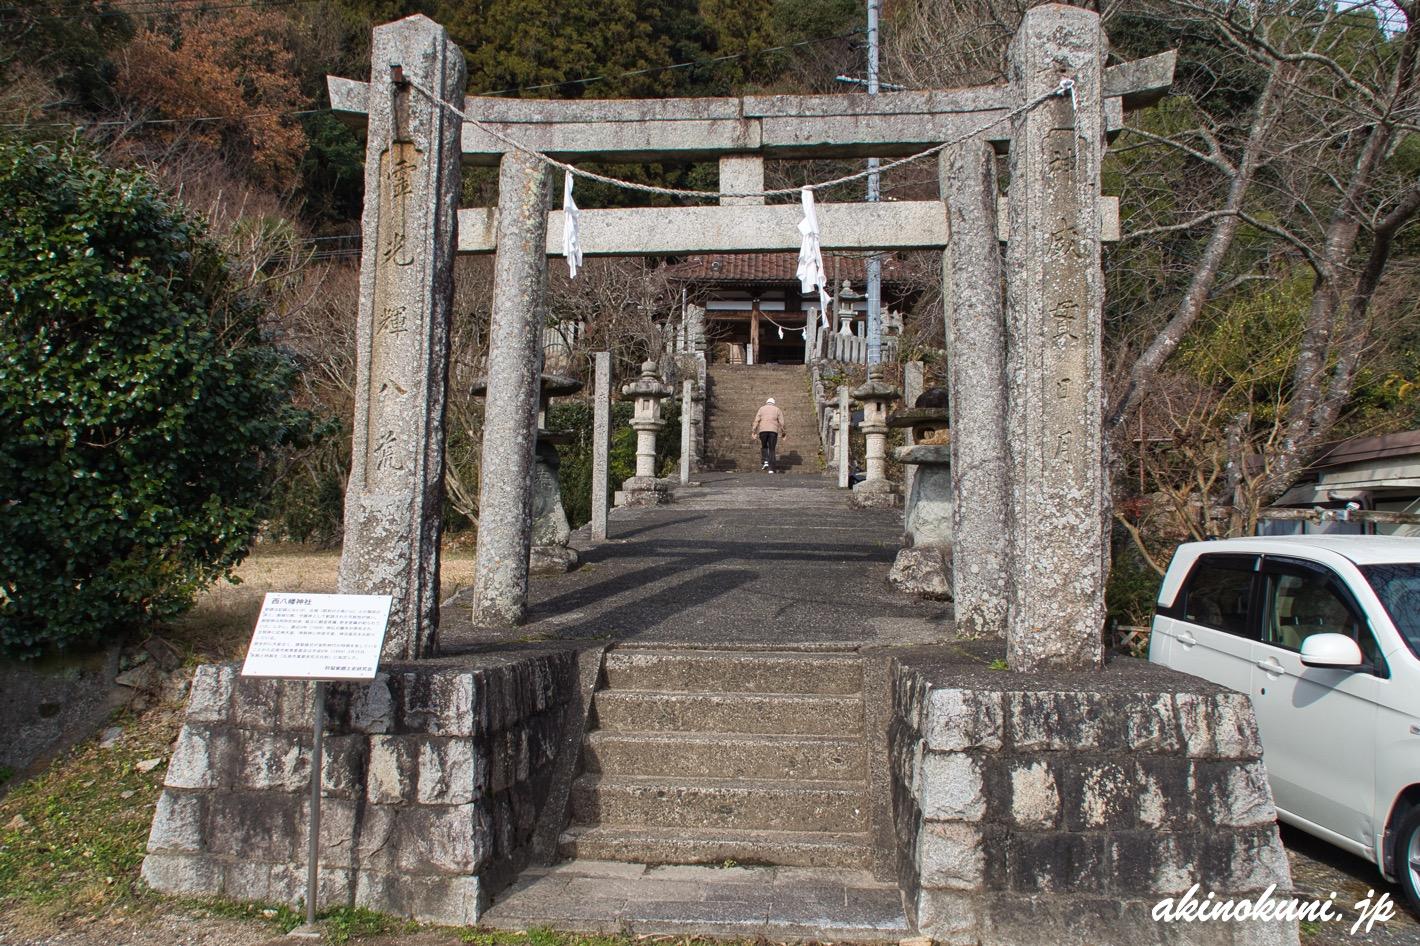 西八幡神社 地元の方が参拝